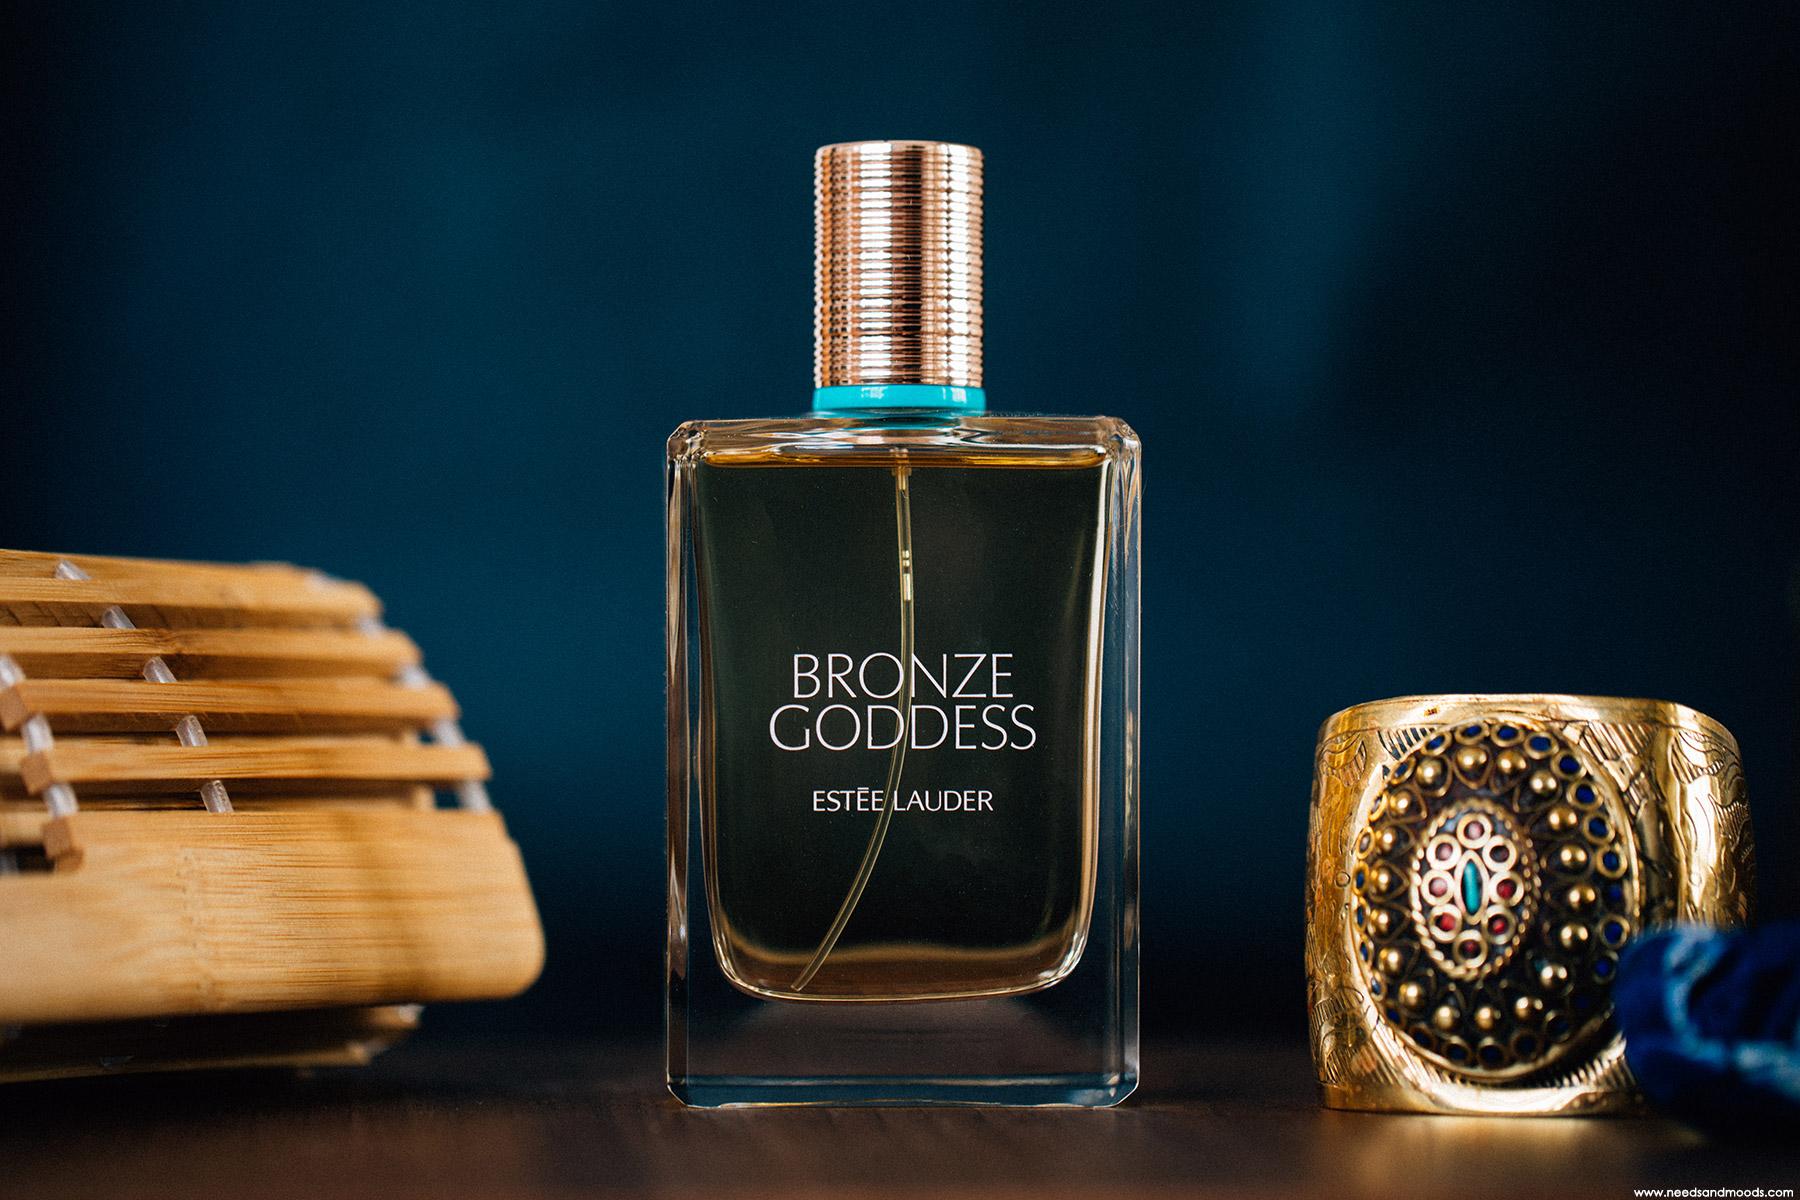 bronze goddess eau fraiche estee lauder avis